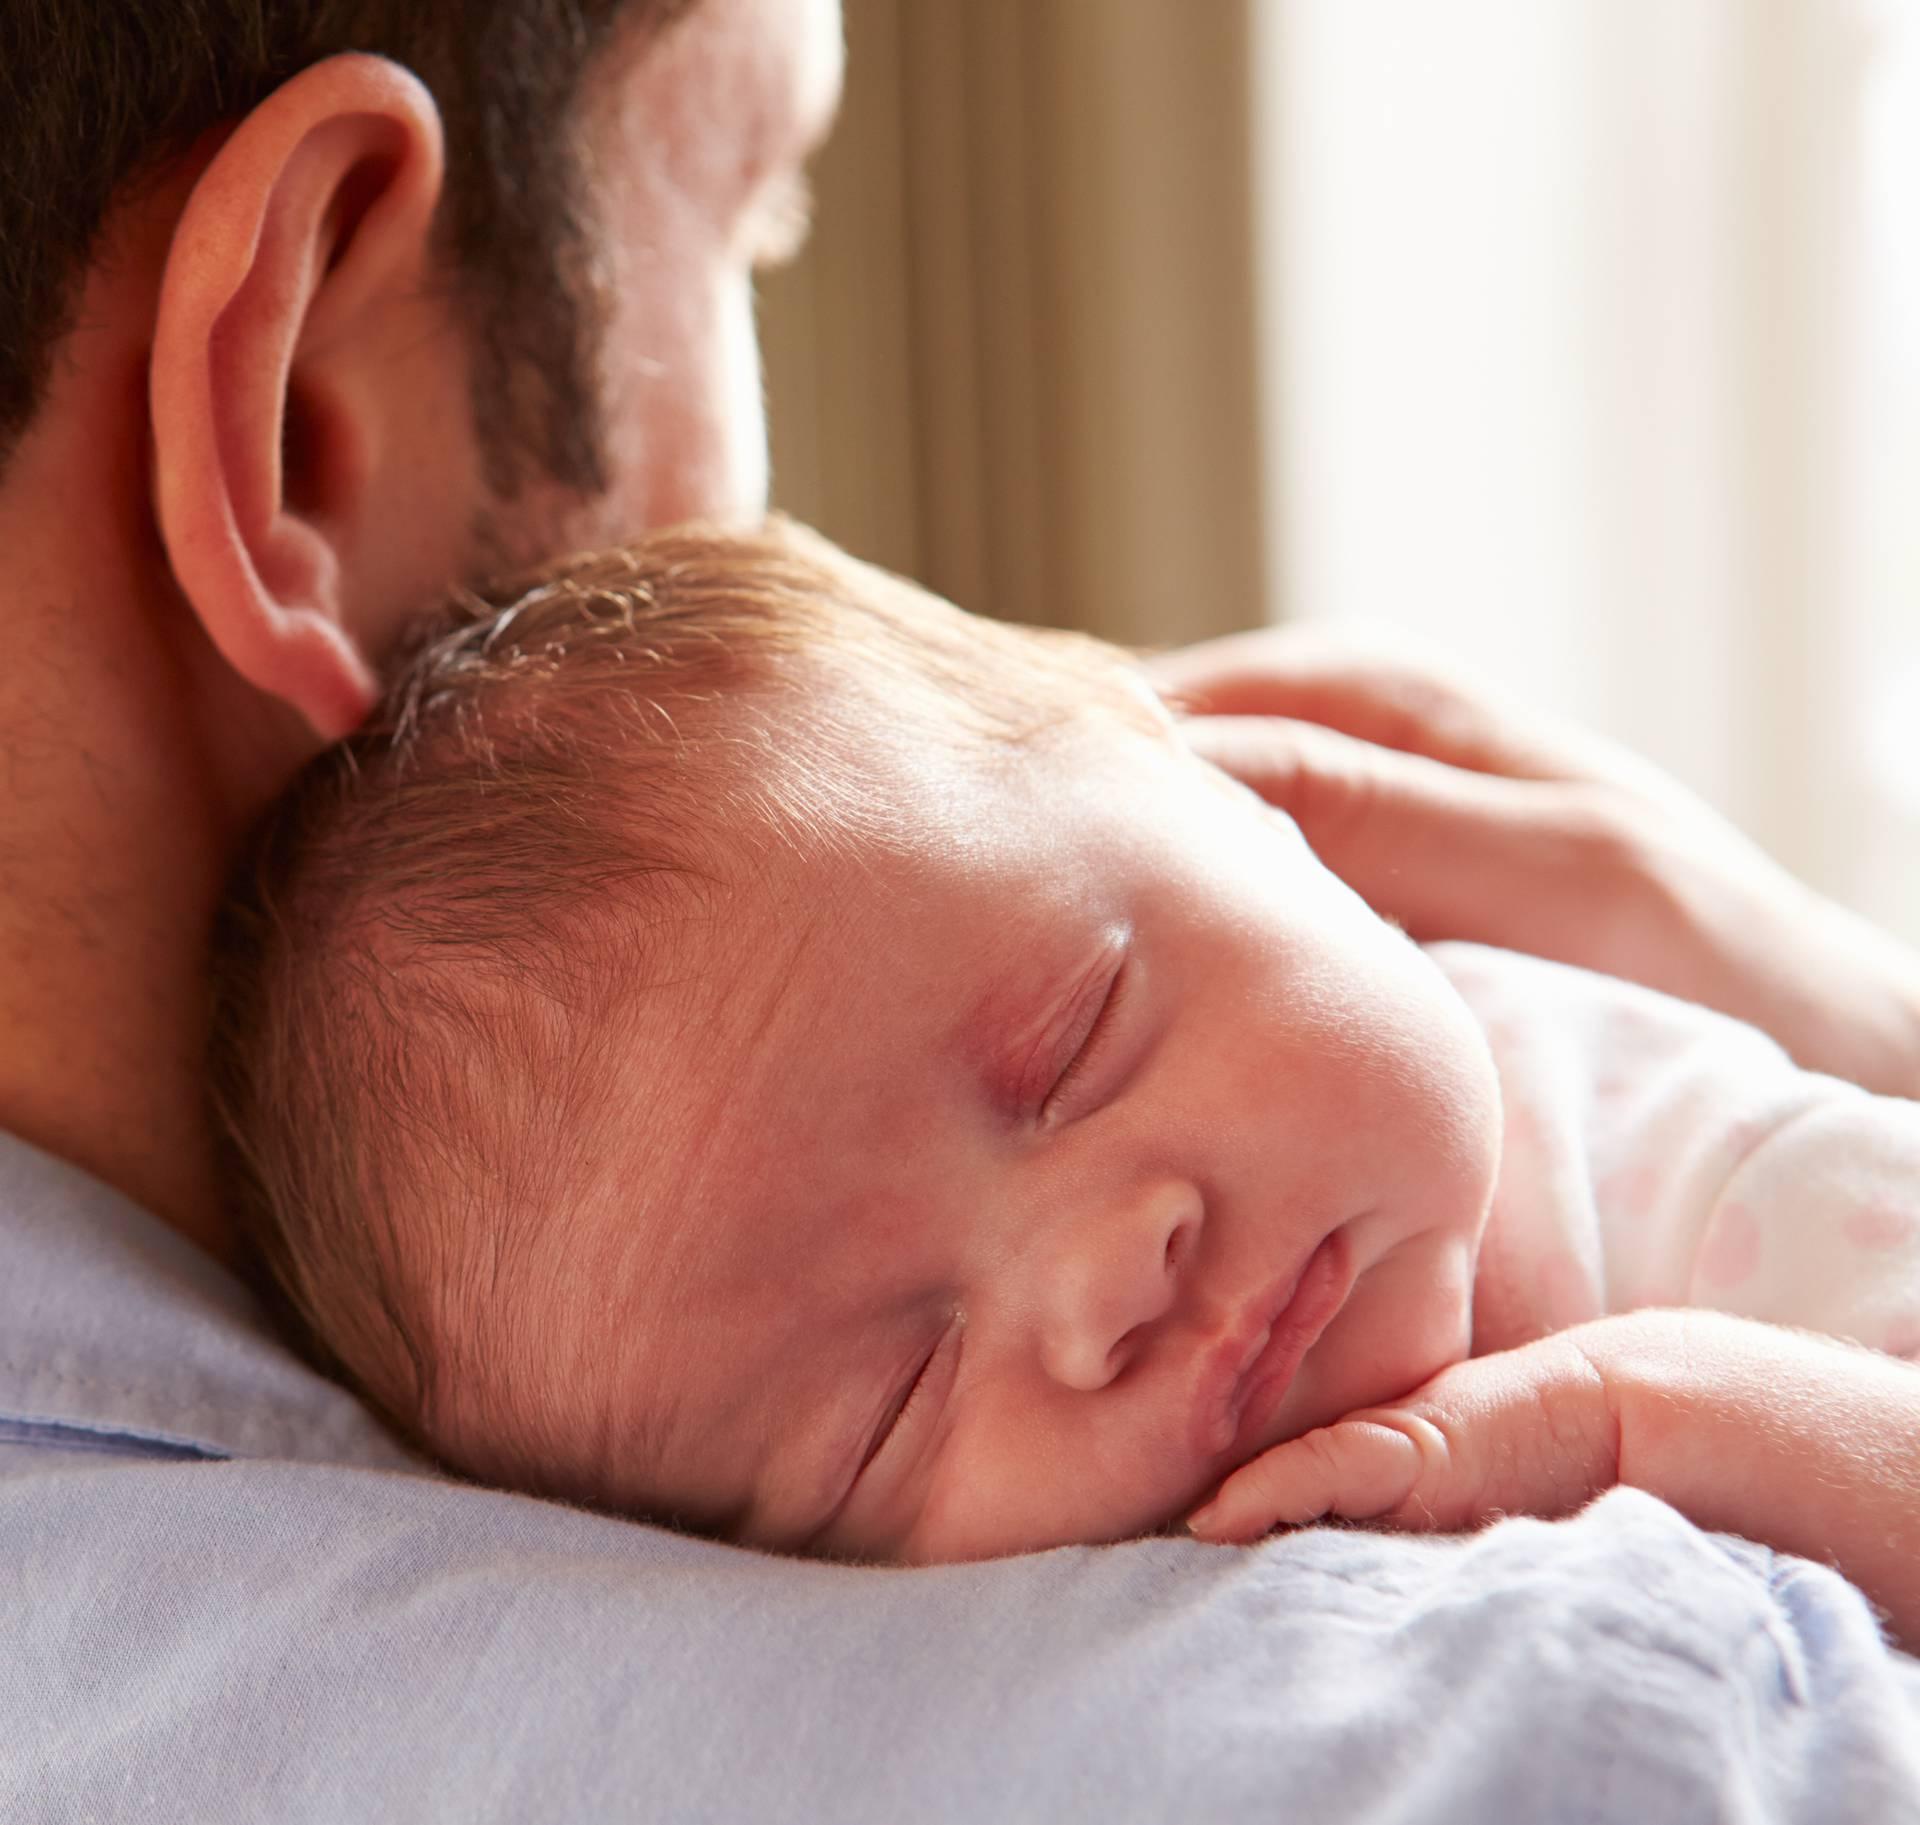 U zadnjih 40 godina muškarci su izgubili čak 60 % spermija